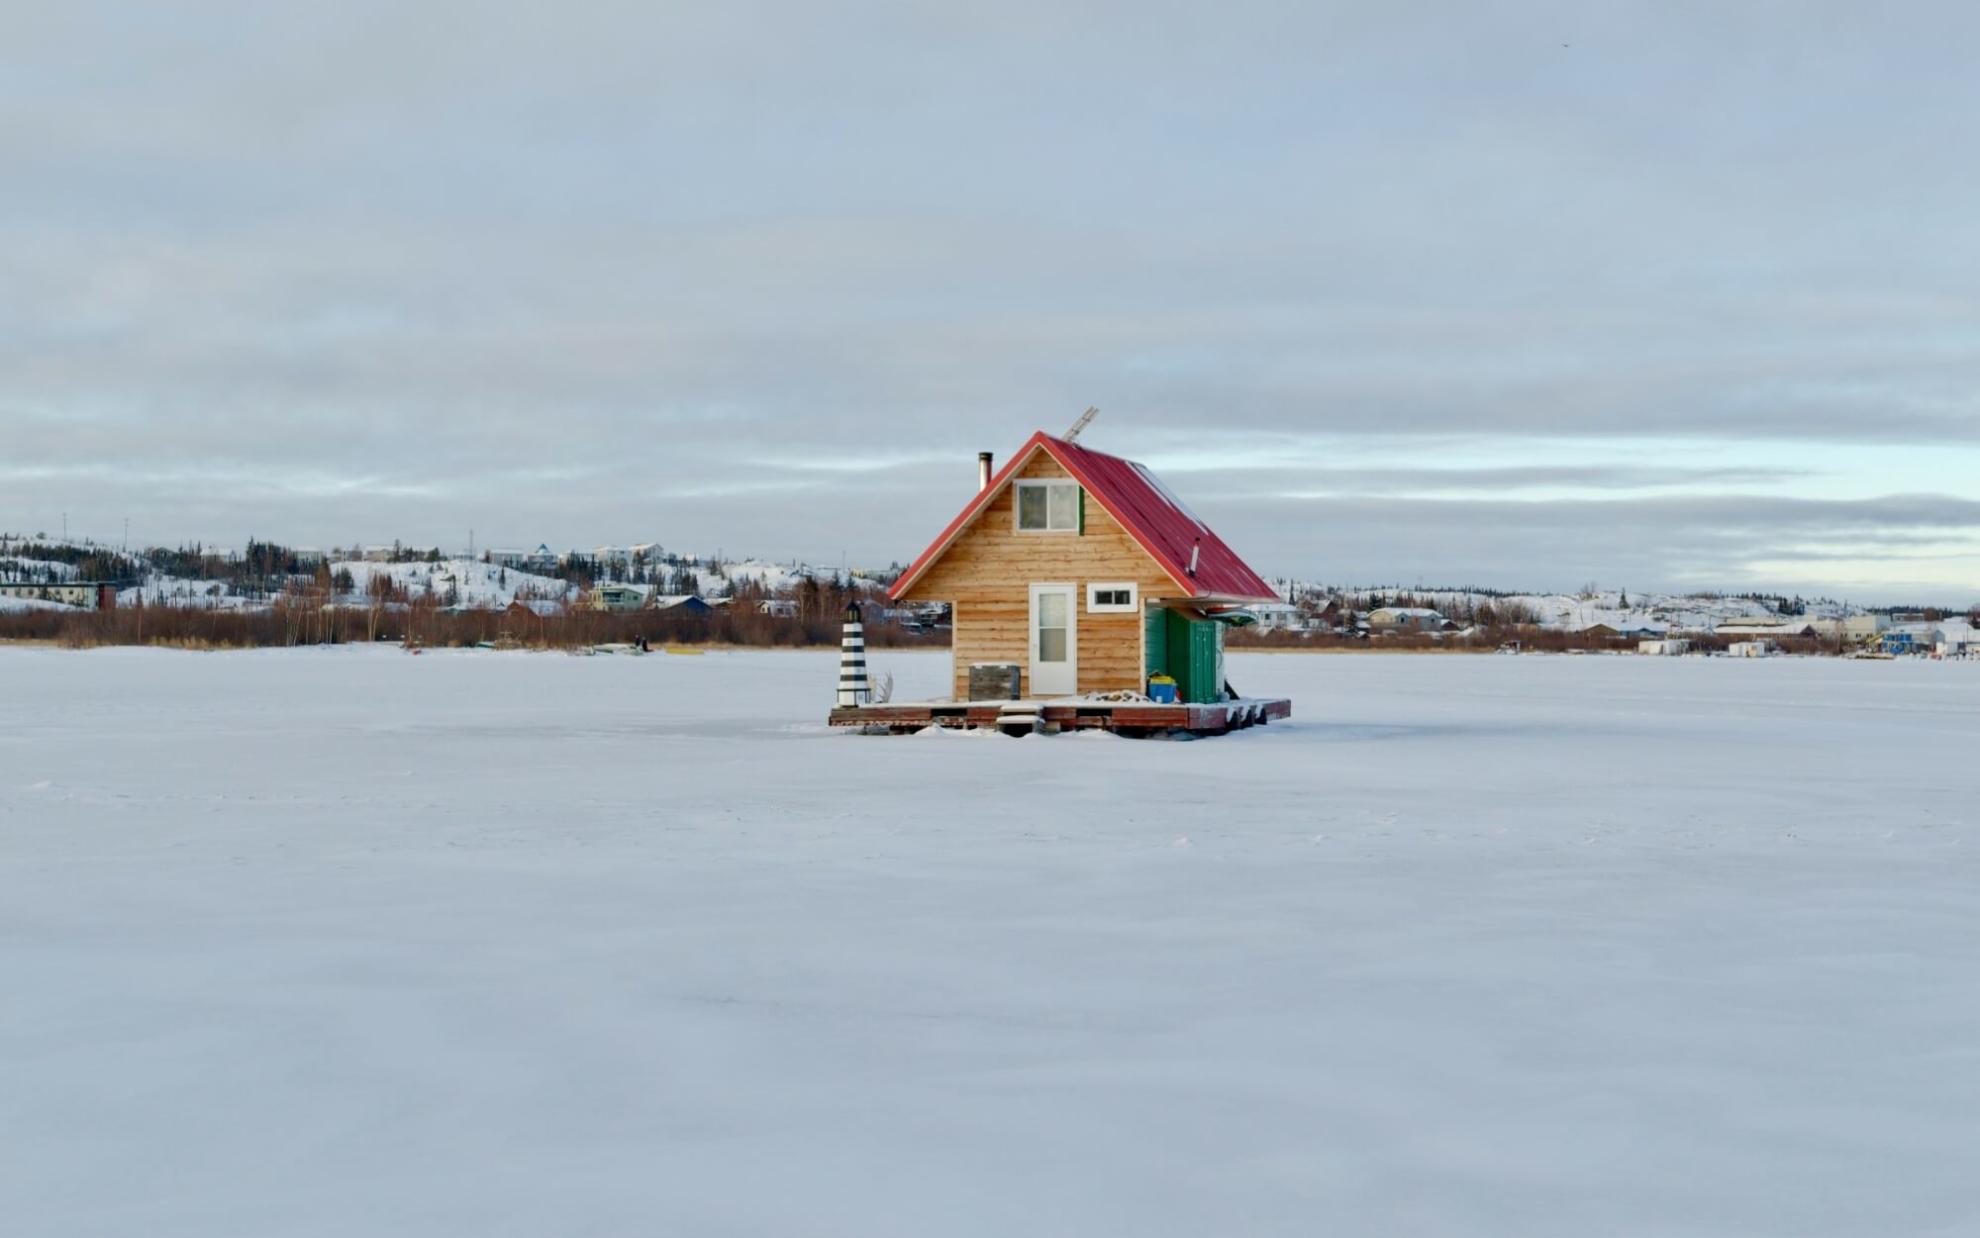 Ein schwimmendes Haus auf dem zugefrorenen Großen Sklavensee vor Yellowknife